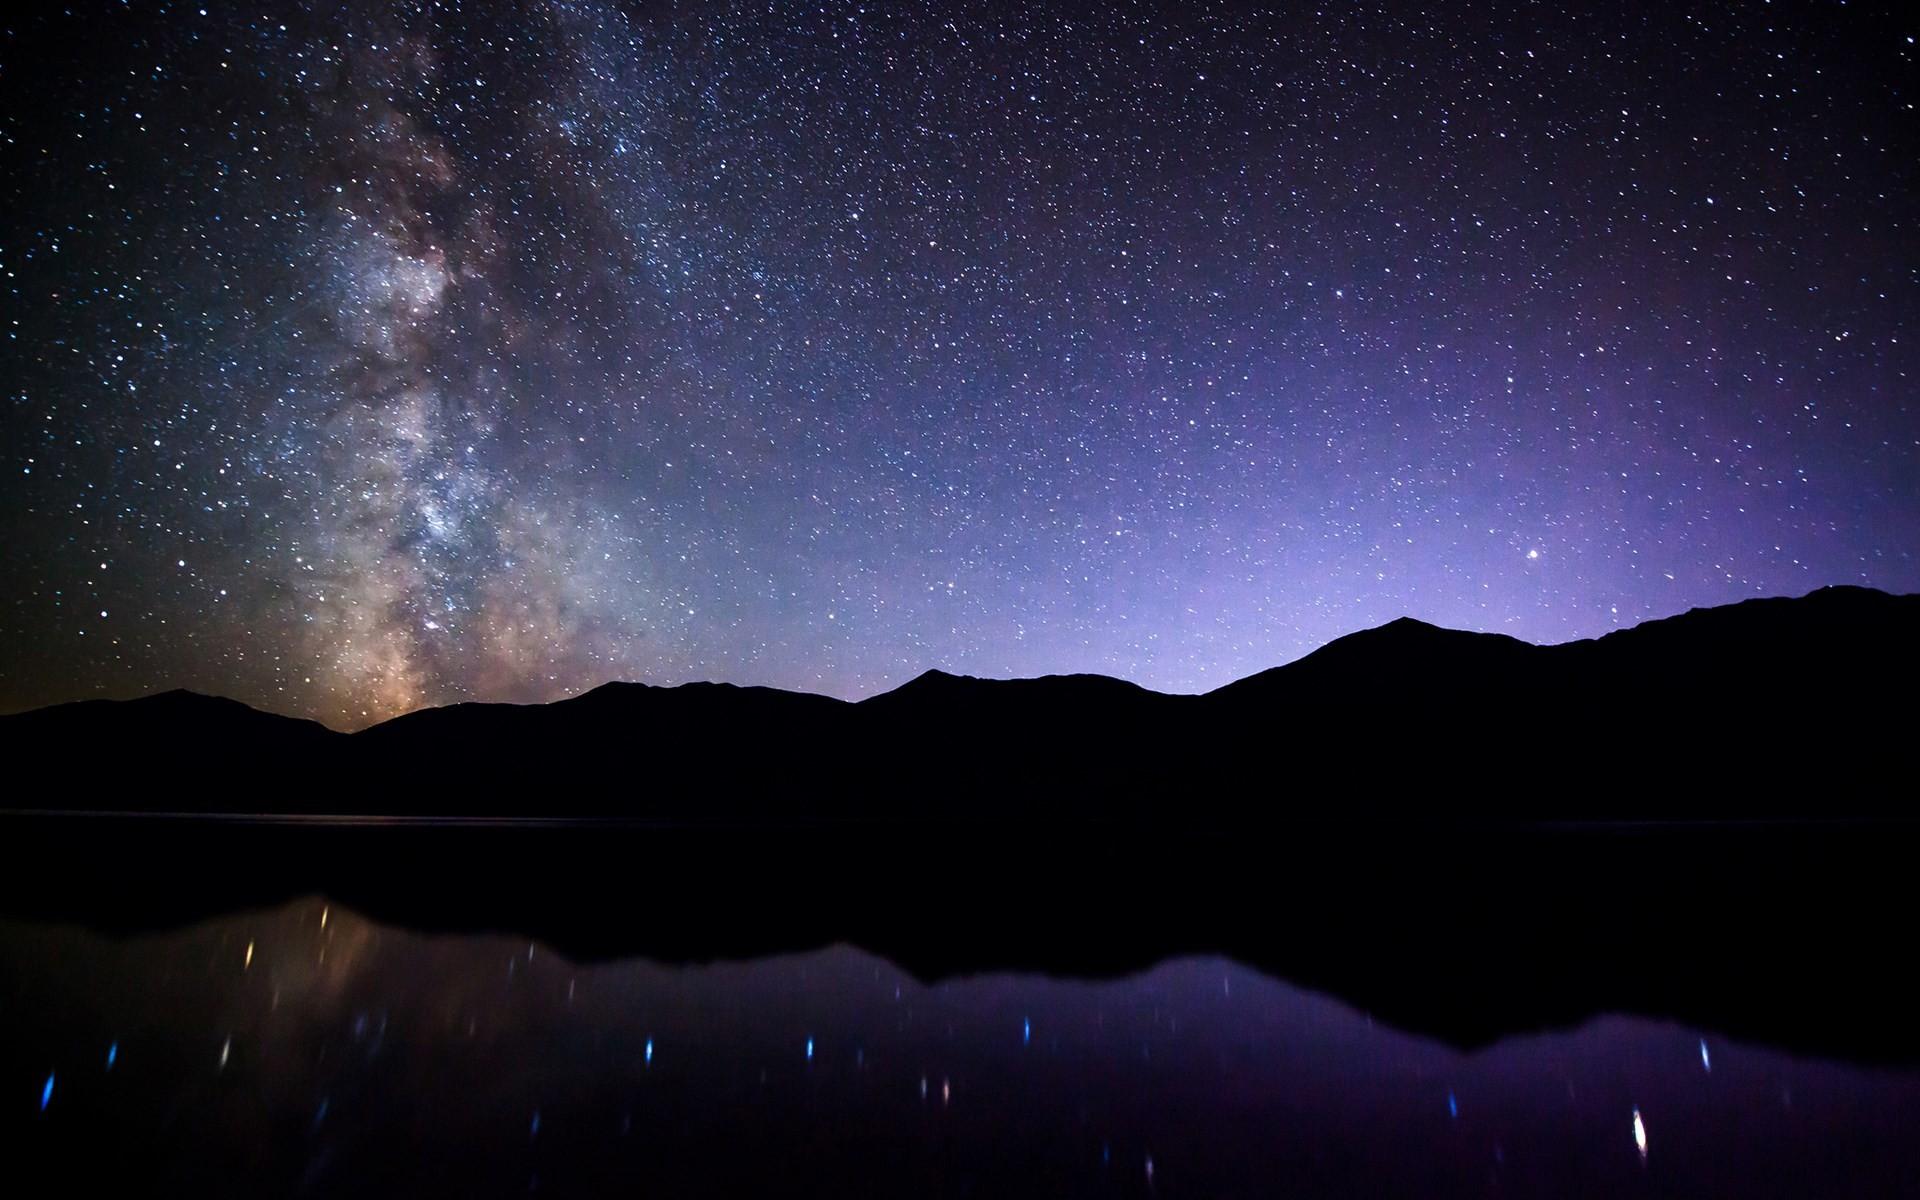 4K Milky Way Wallpaper (37+ Images